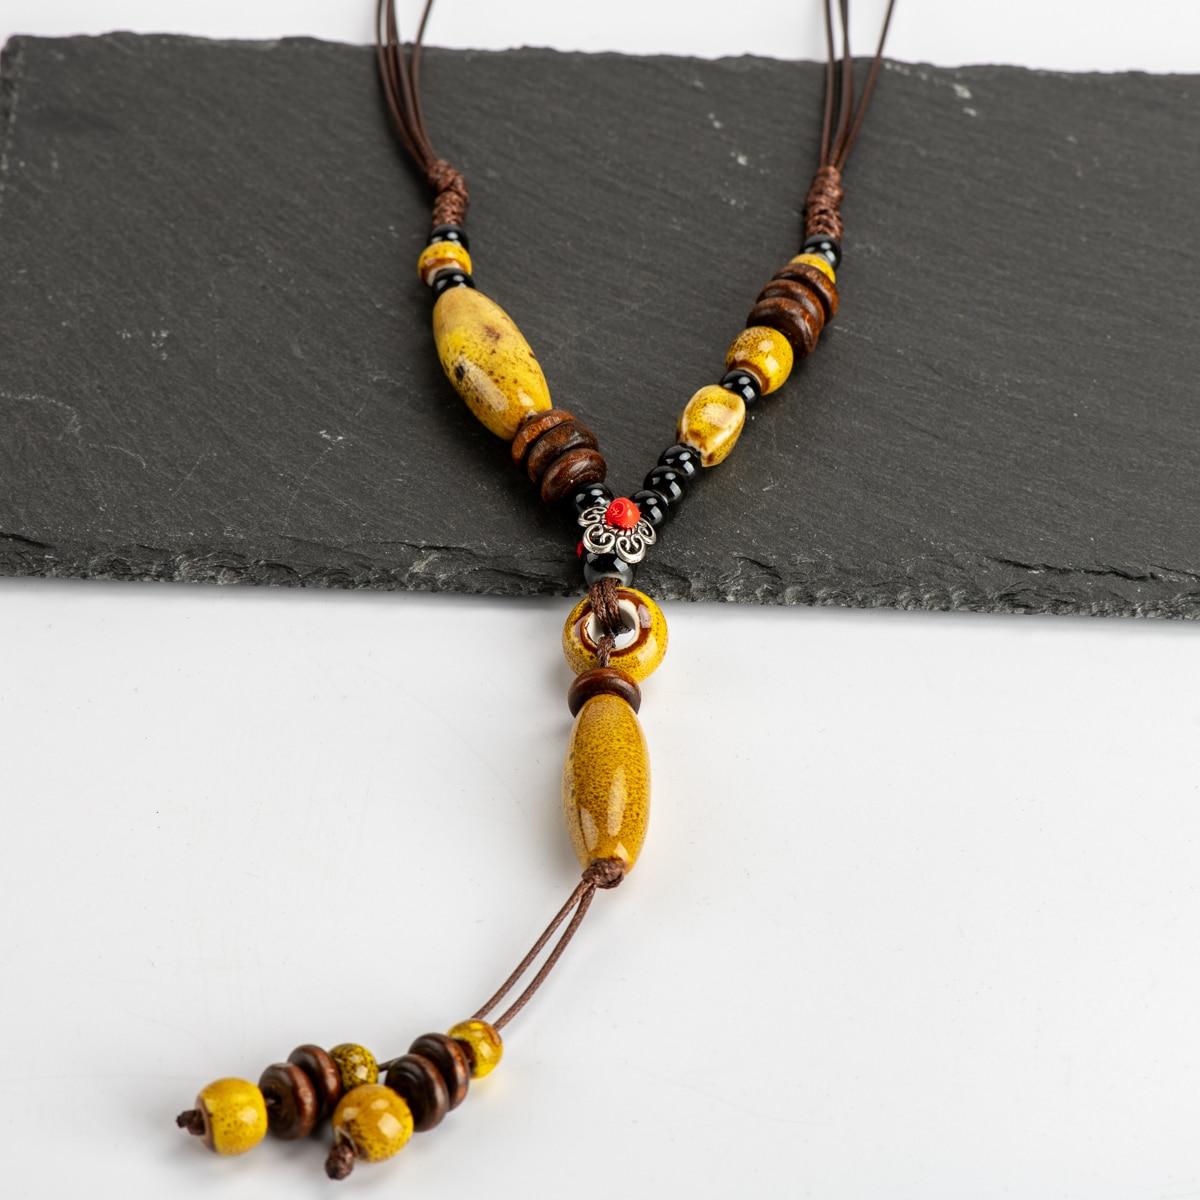 Ожерелье из керамики Heaert, винтажное ожерелье с керамическими бусинами в китайском стиле # IY268